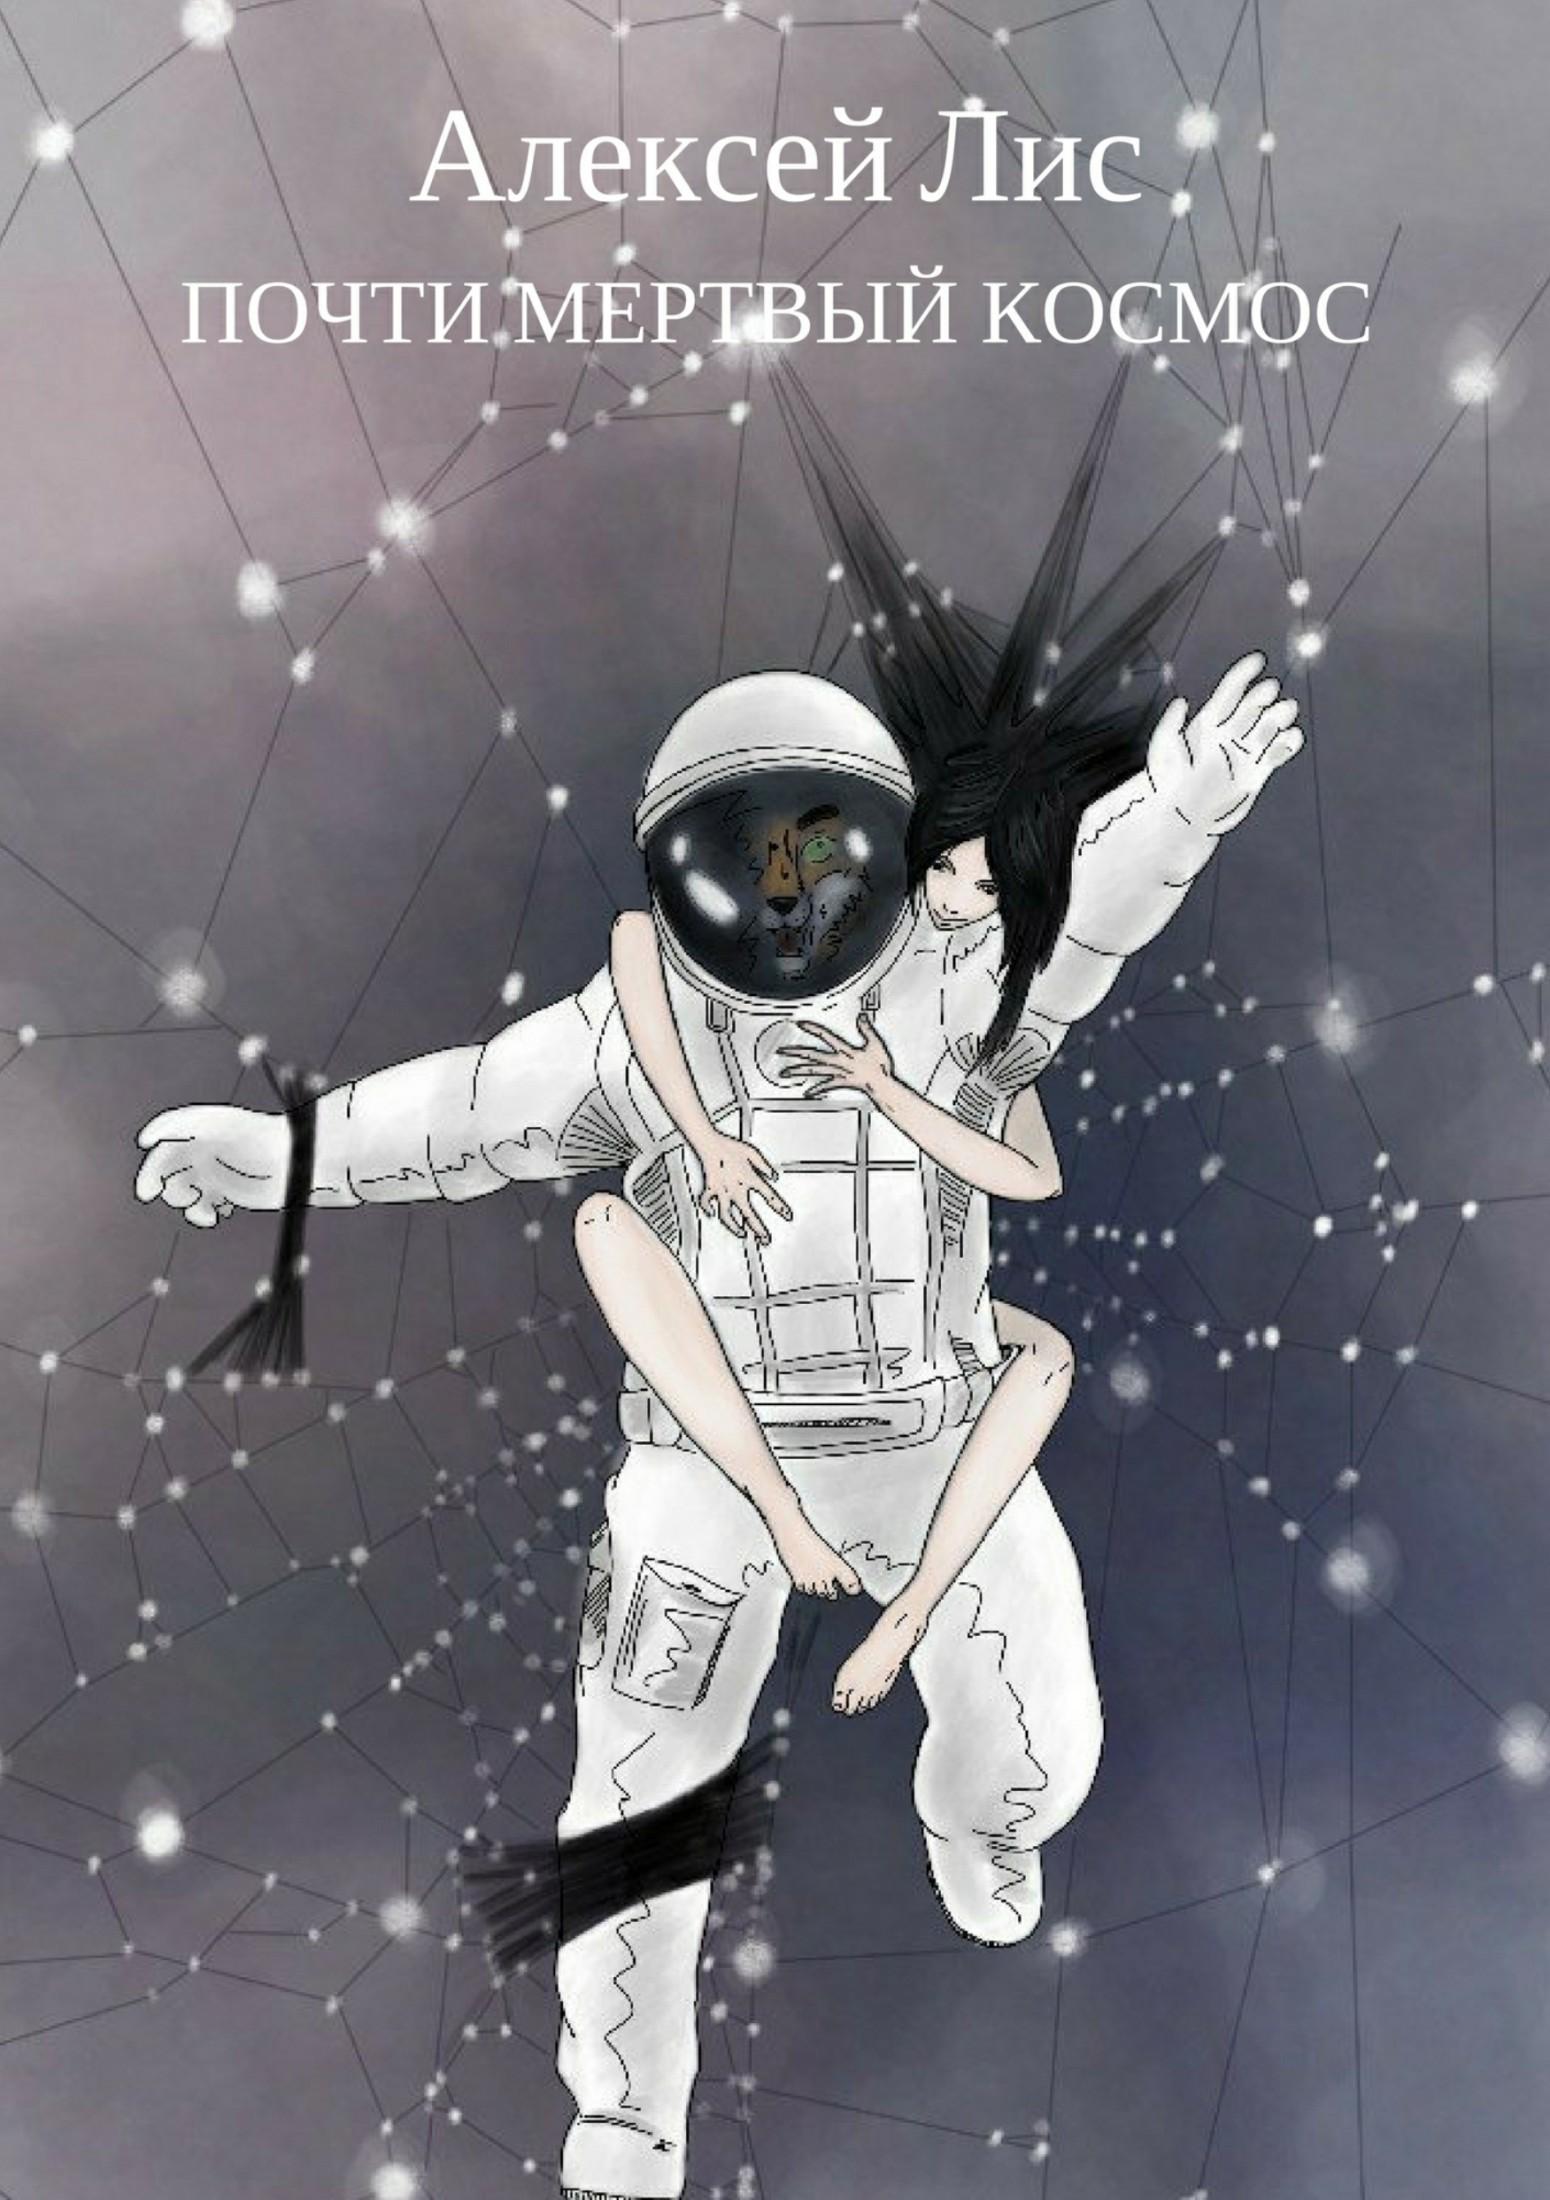 Почти мертвый космос